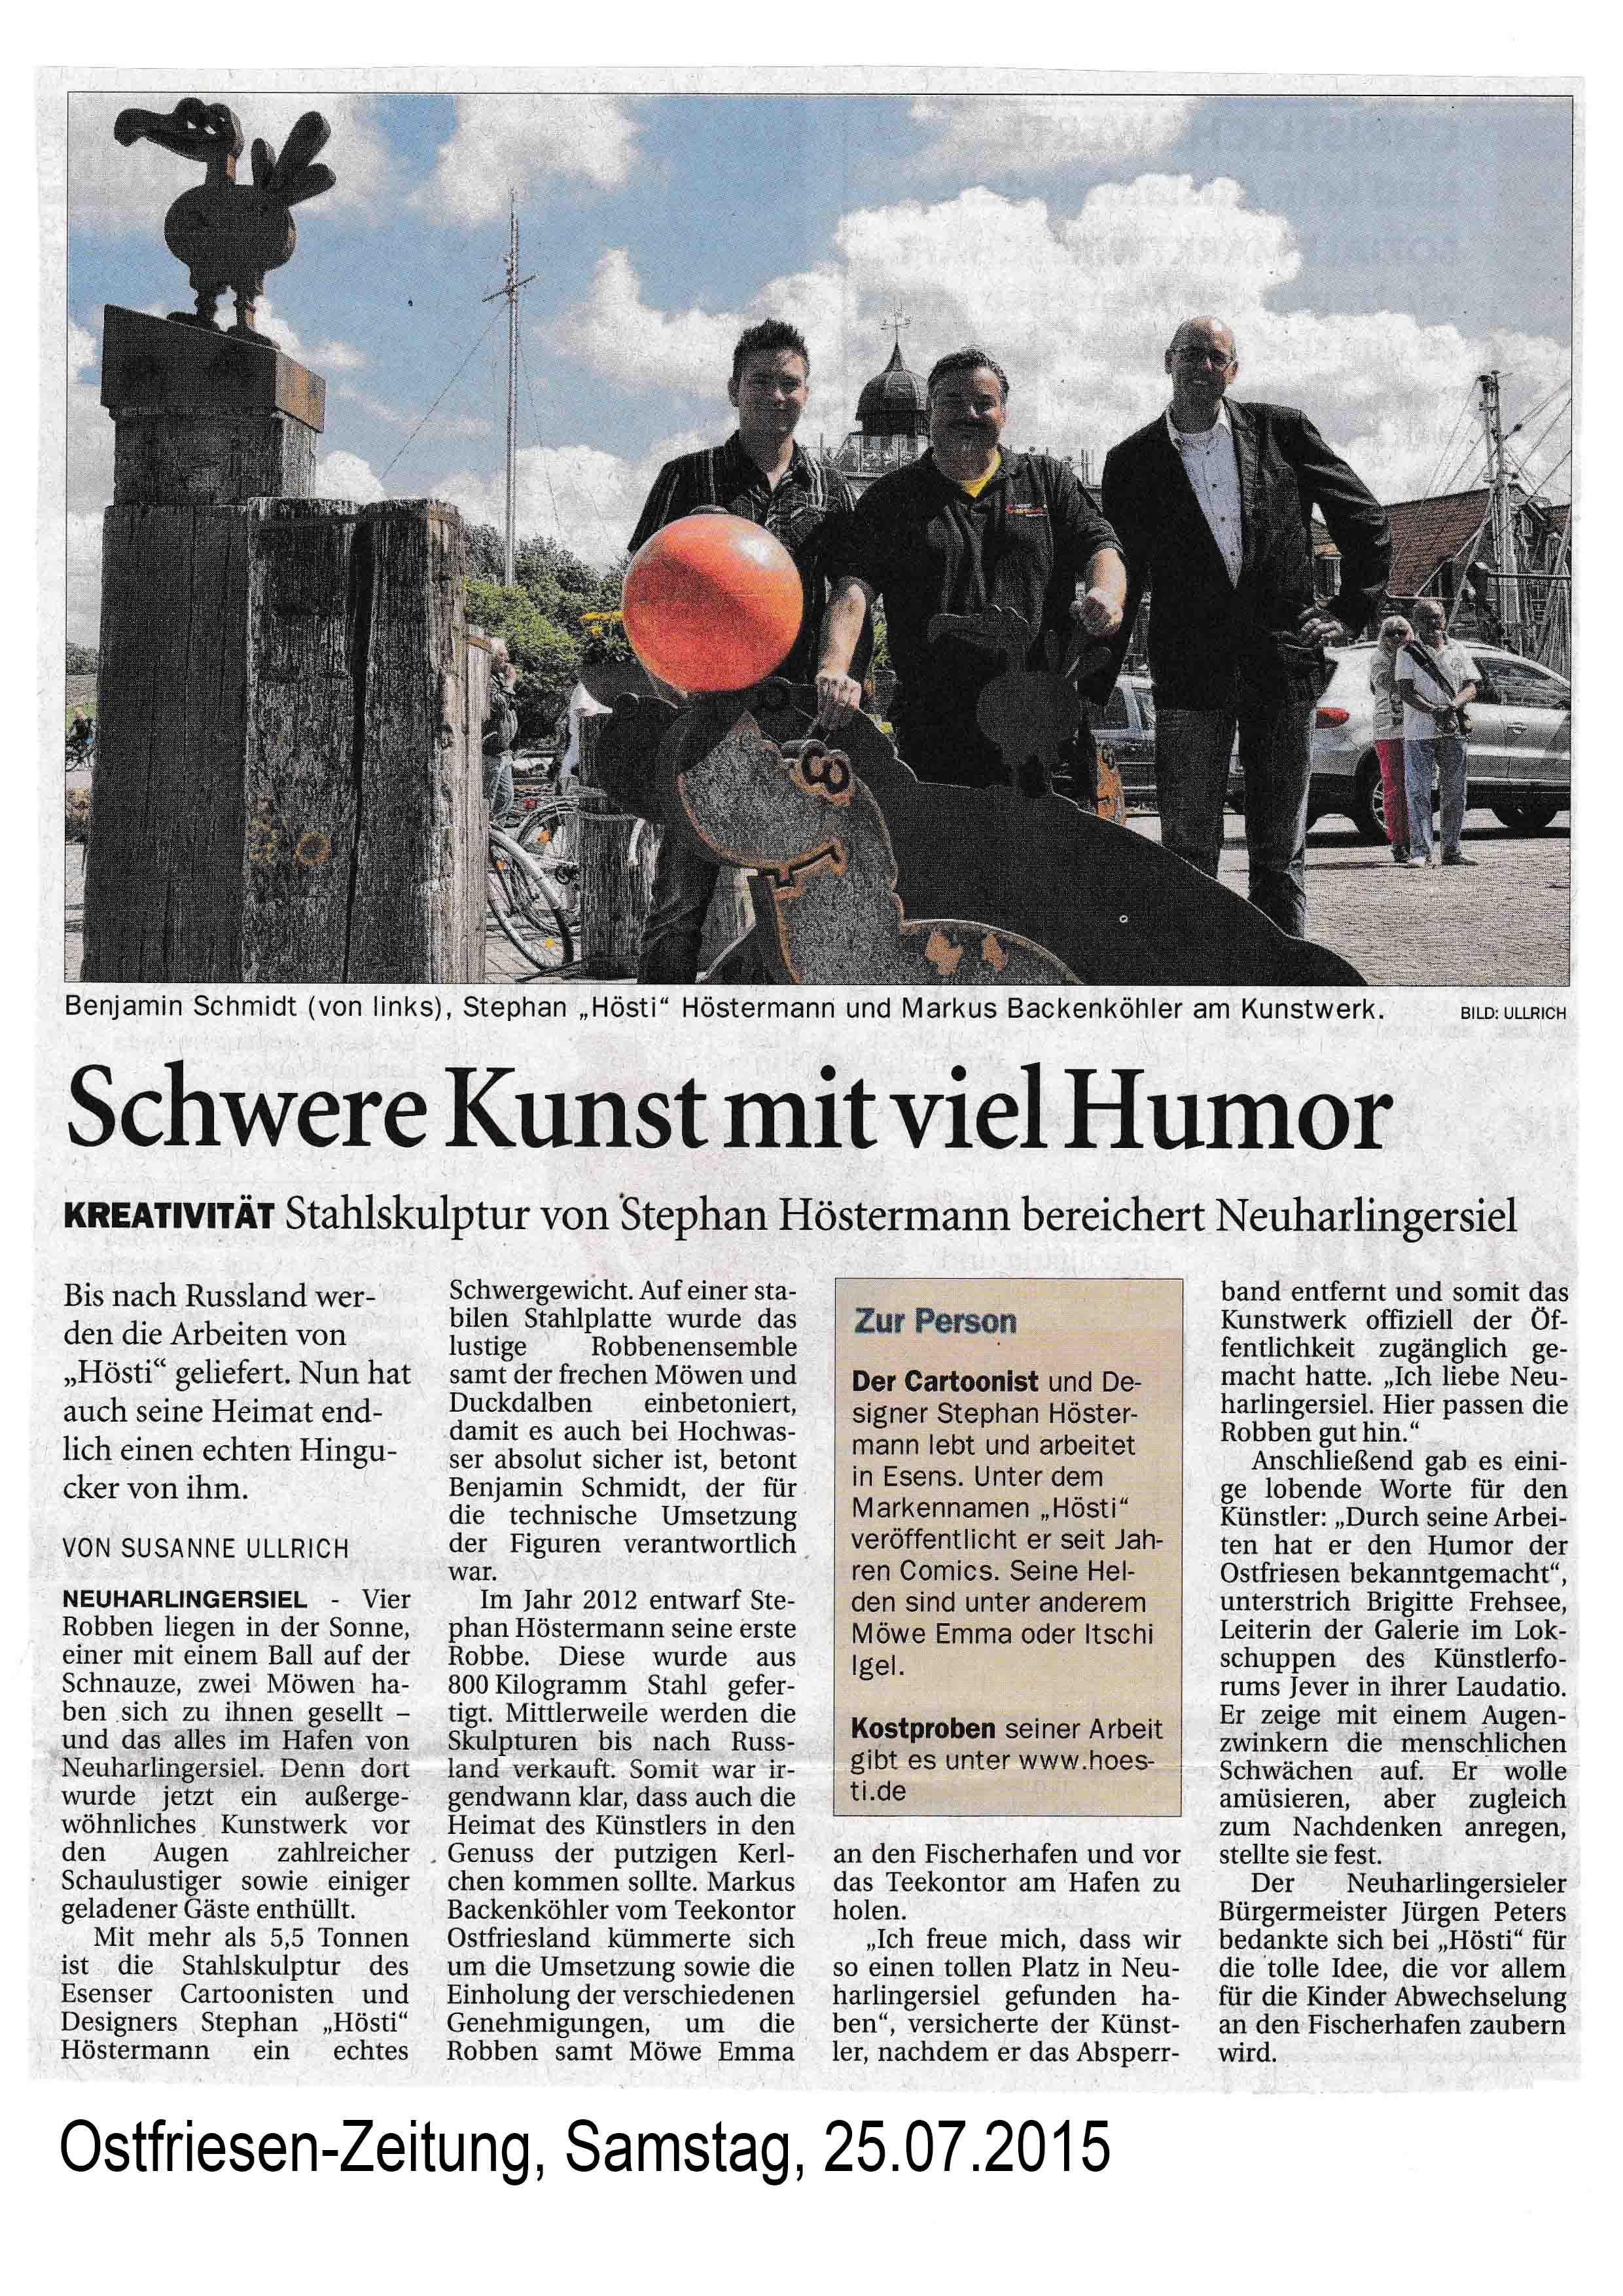 Ostfriesen-Zeitung, Samstag 25 07 2015